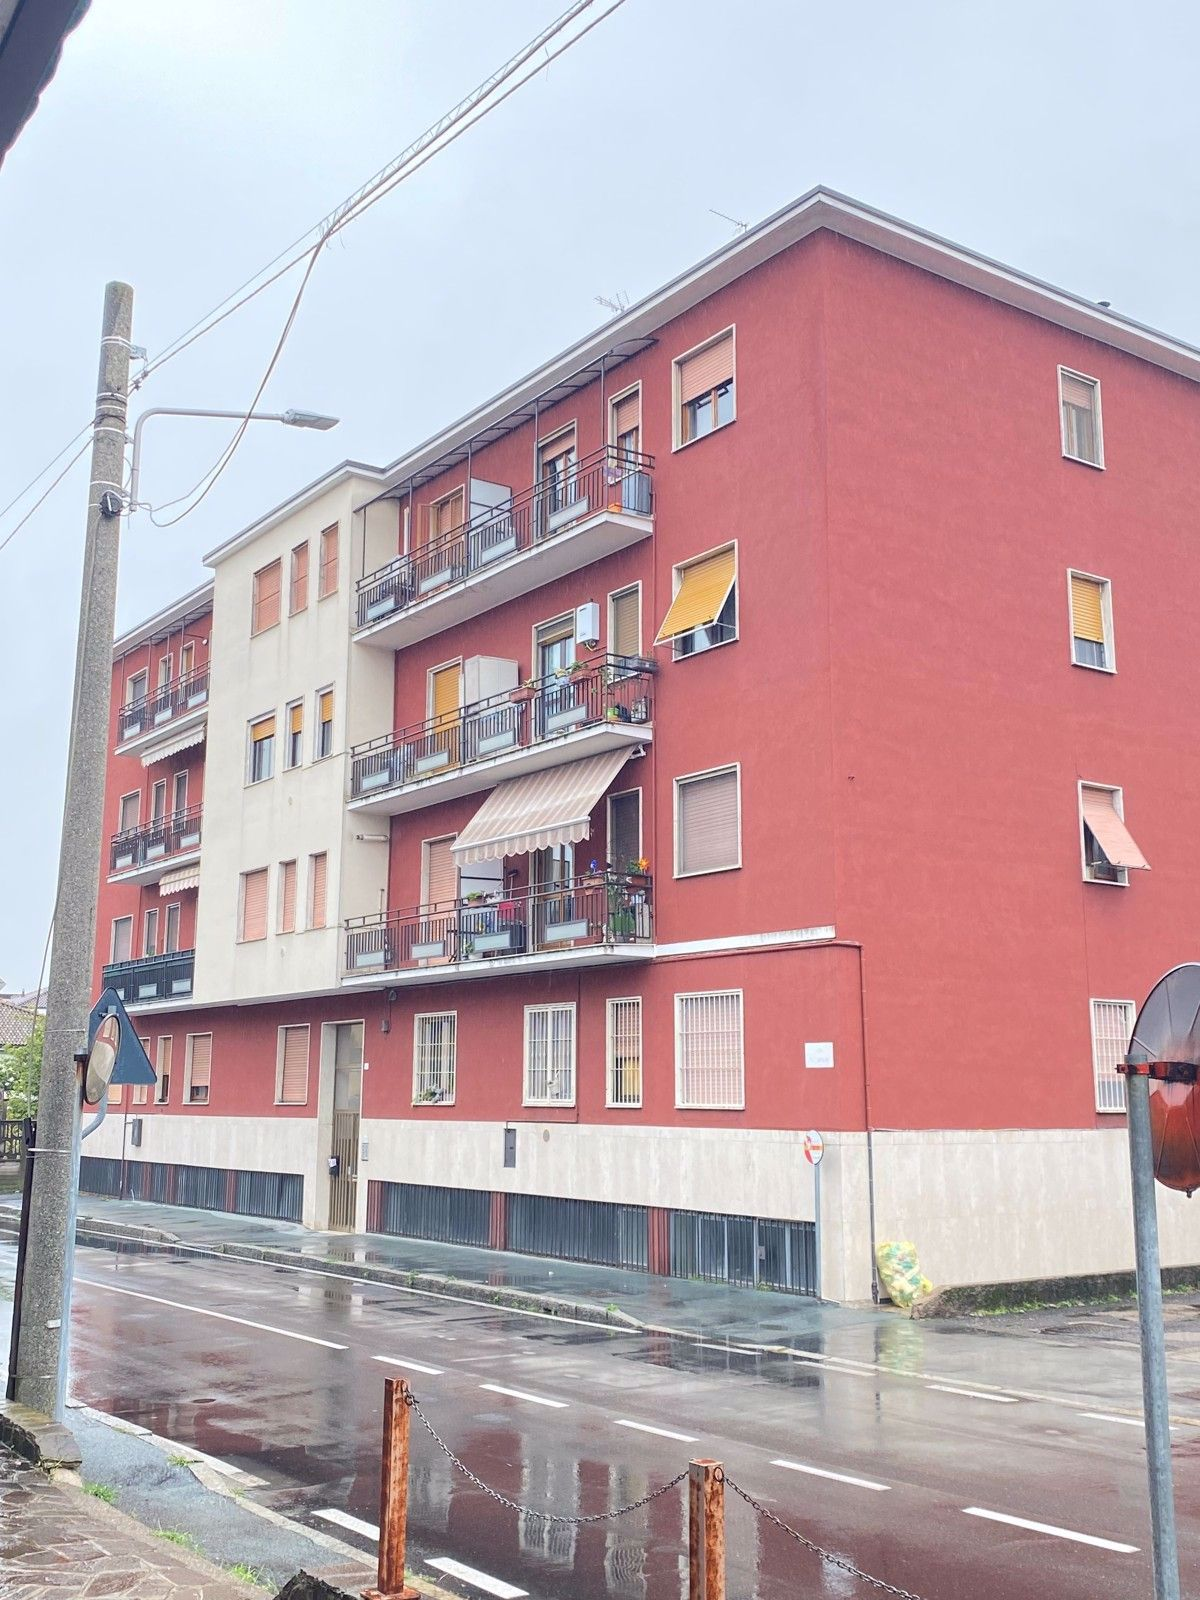 Appartamento in vendita a Cornaredo, 2 locali, prezzo € 110.000 | CambioCasa.it